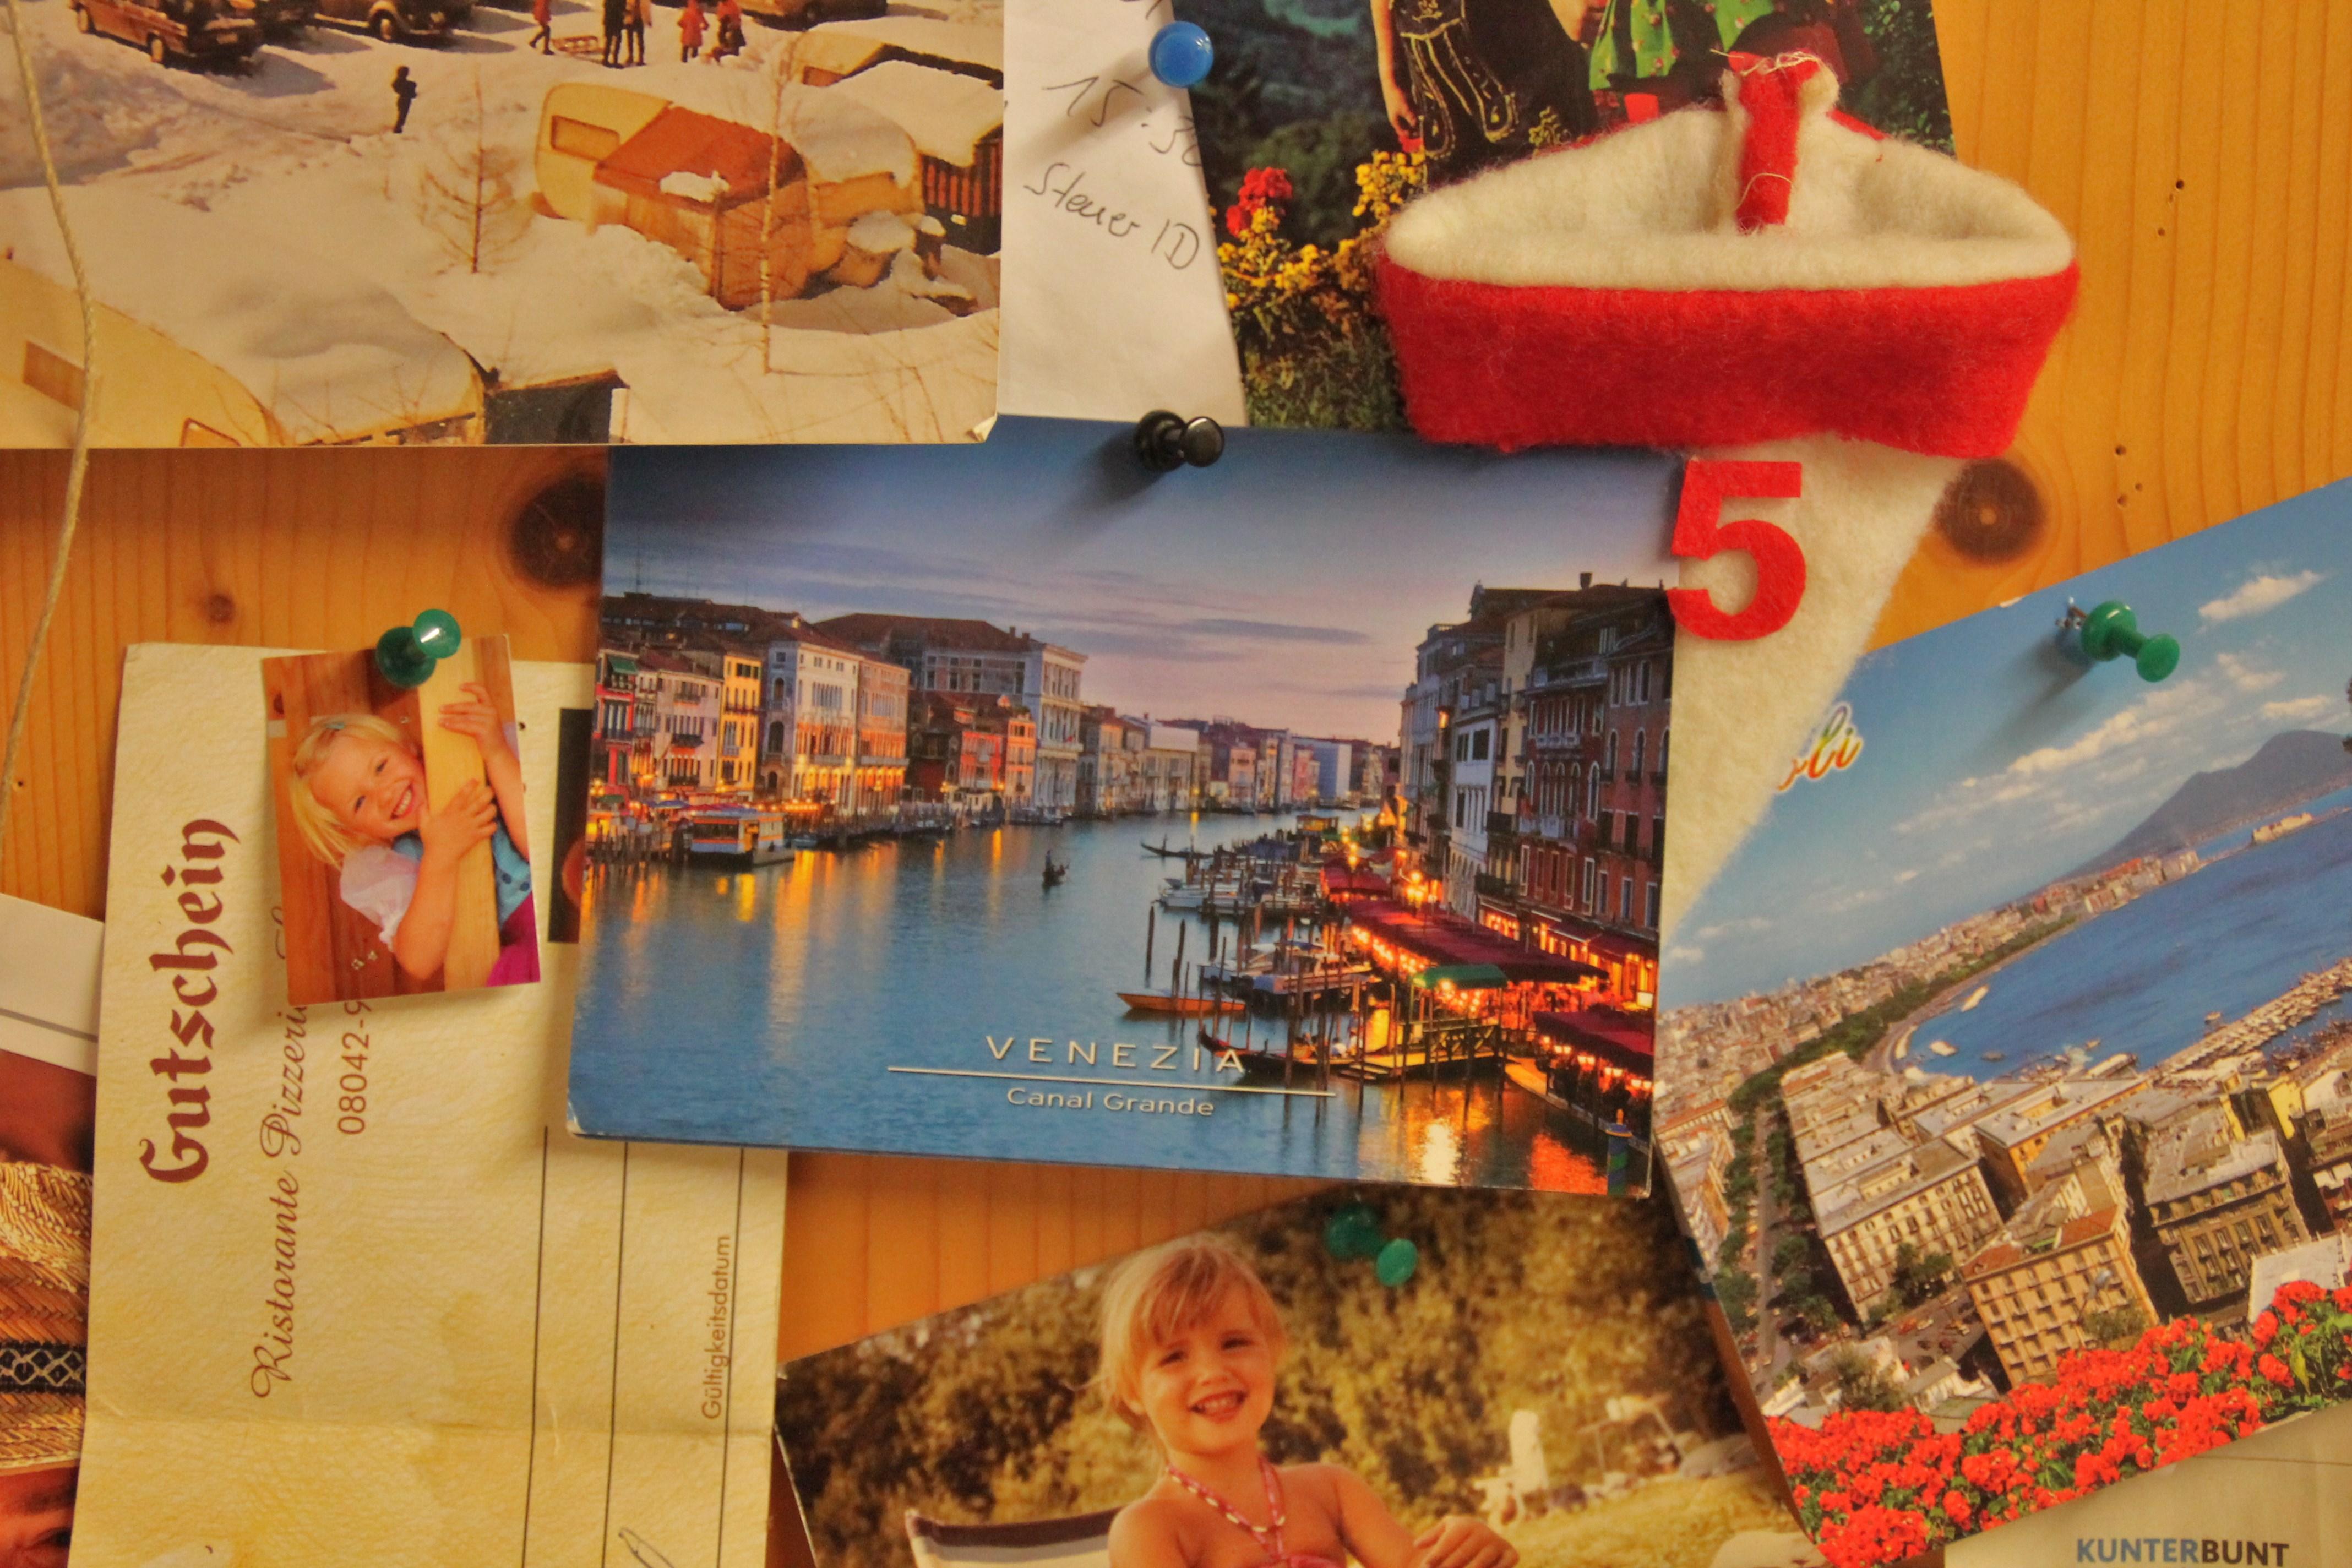 Tür Nummero 5: Postkarten aus Venedig